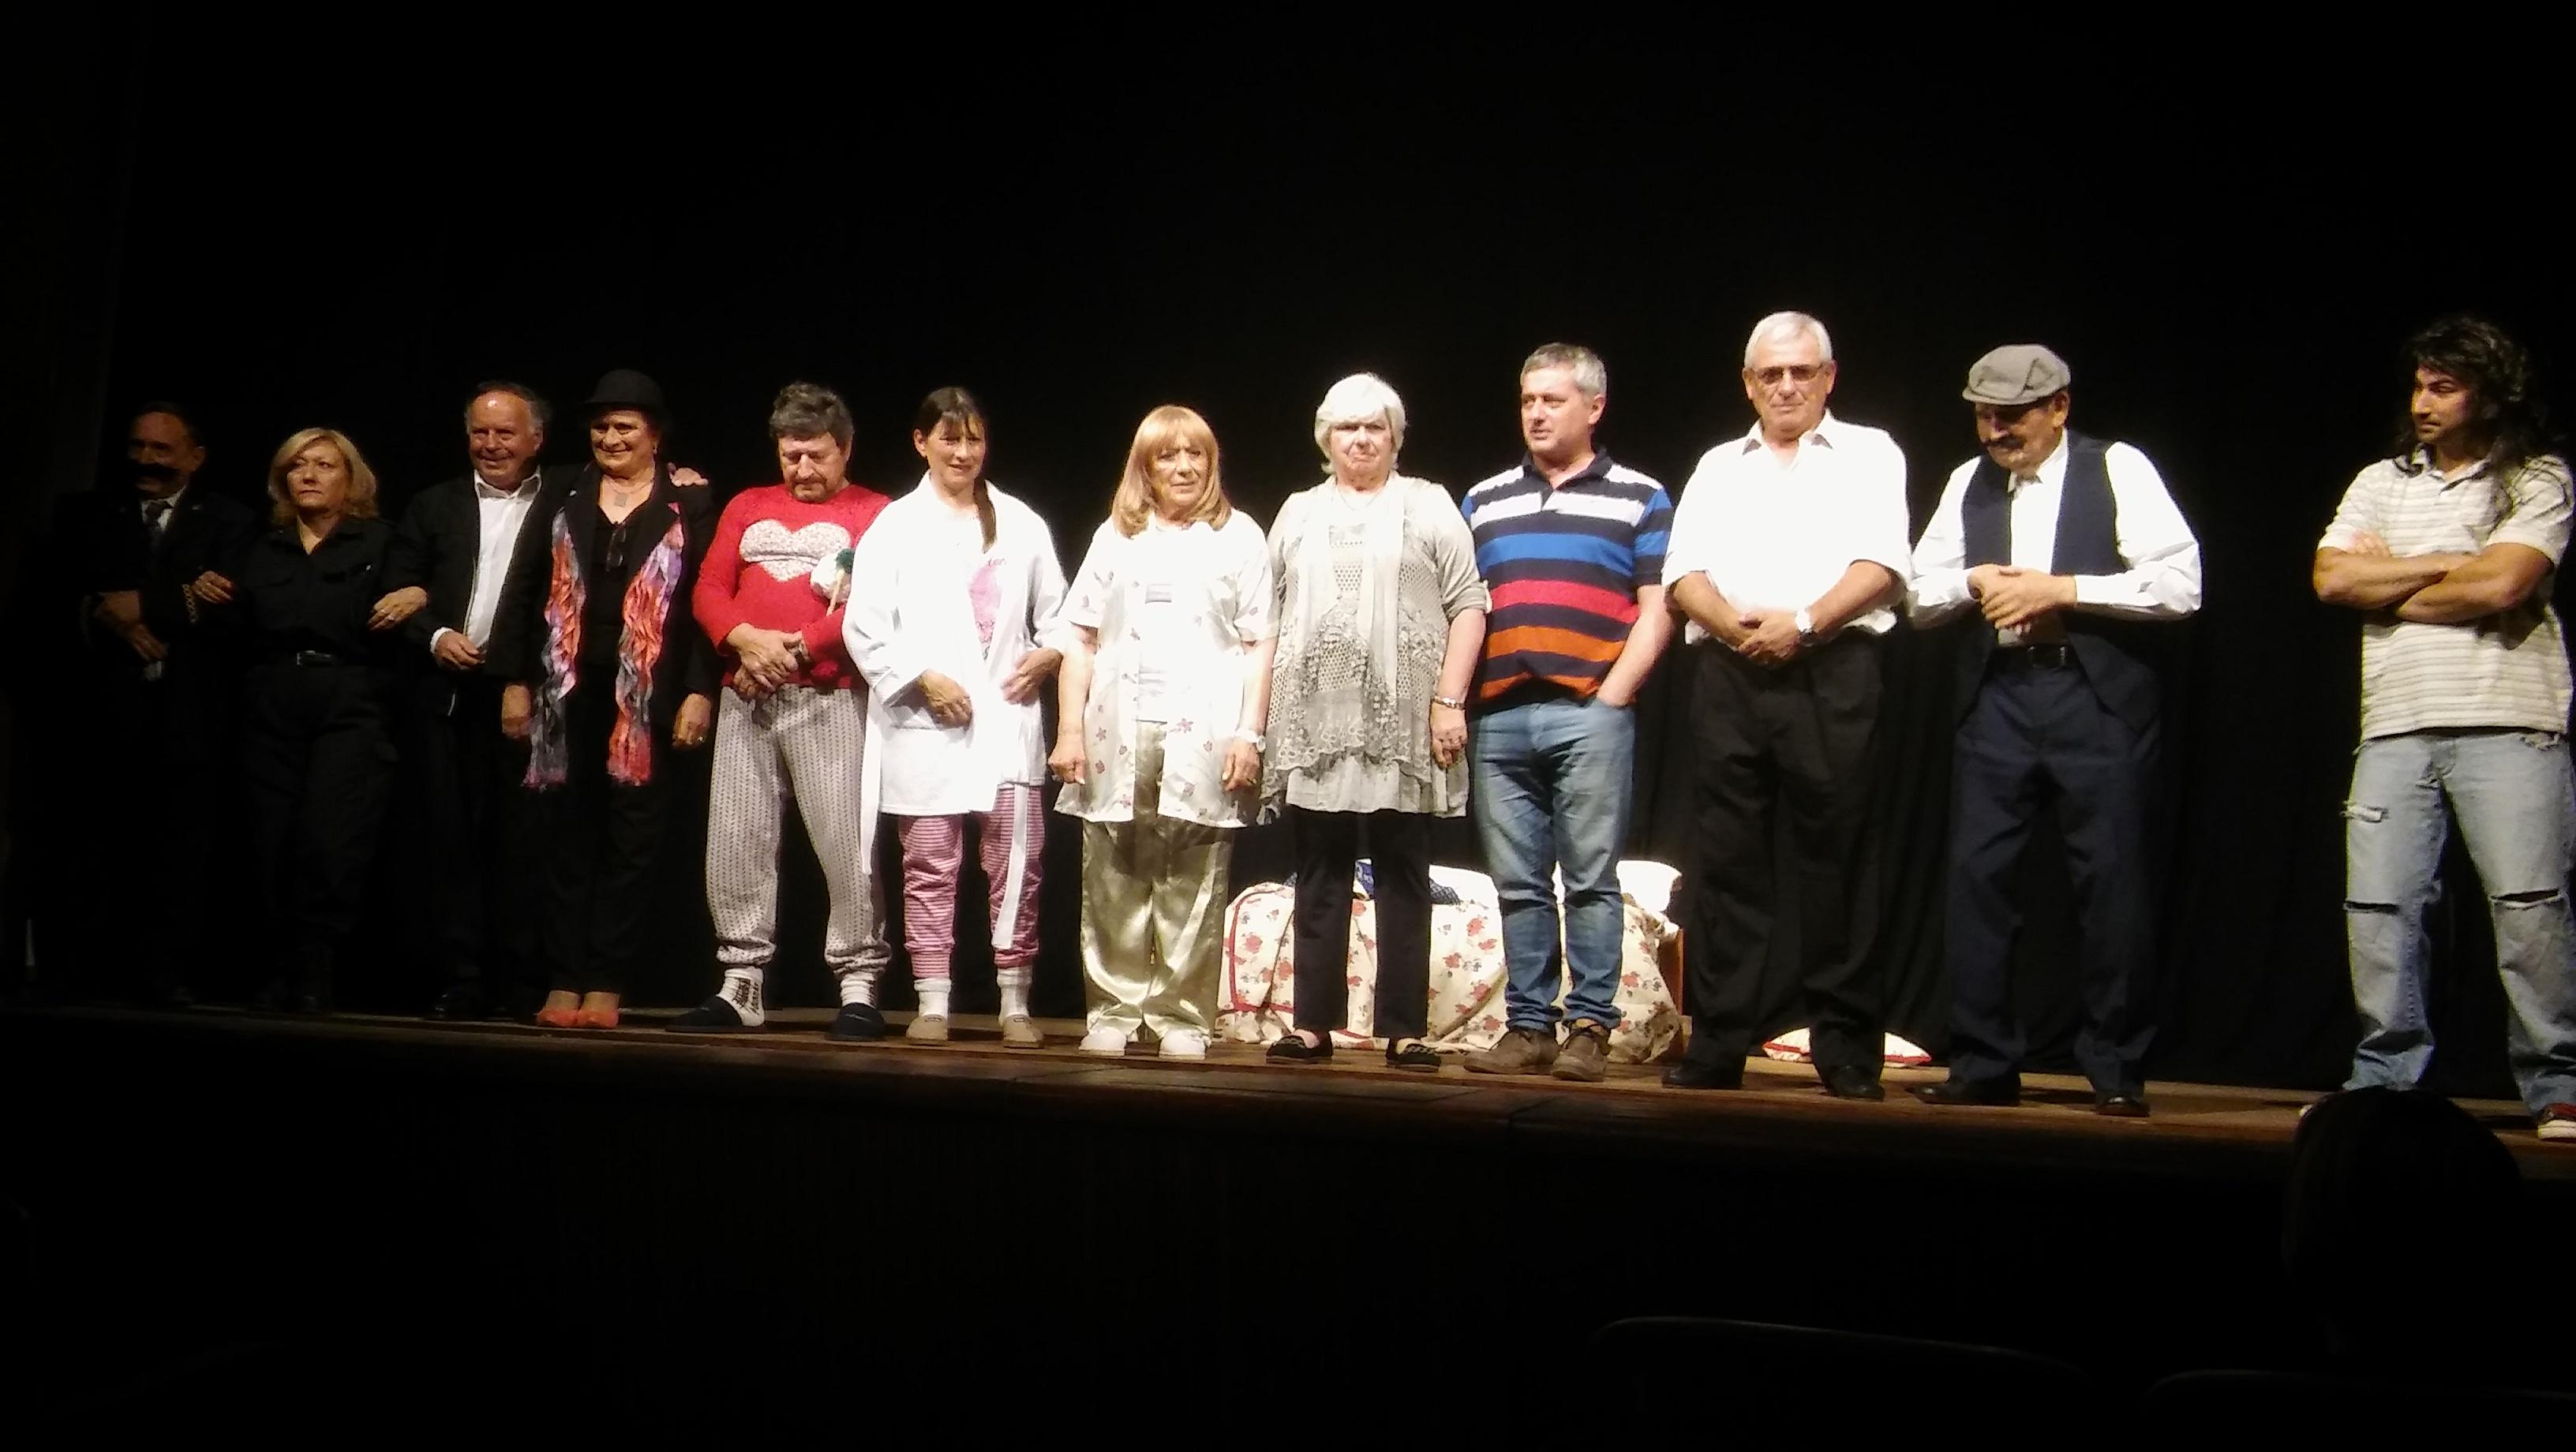 """La Compañía Teatral """"De Puro Grupo"""" integrada por vecinos de nuestra ciudad apasionados por la actuación, está representando la obra """"Qué lindo estar casado y tener la suegra al lado"""" en el TAFS, con la dirección de Diego Albamonte."""